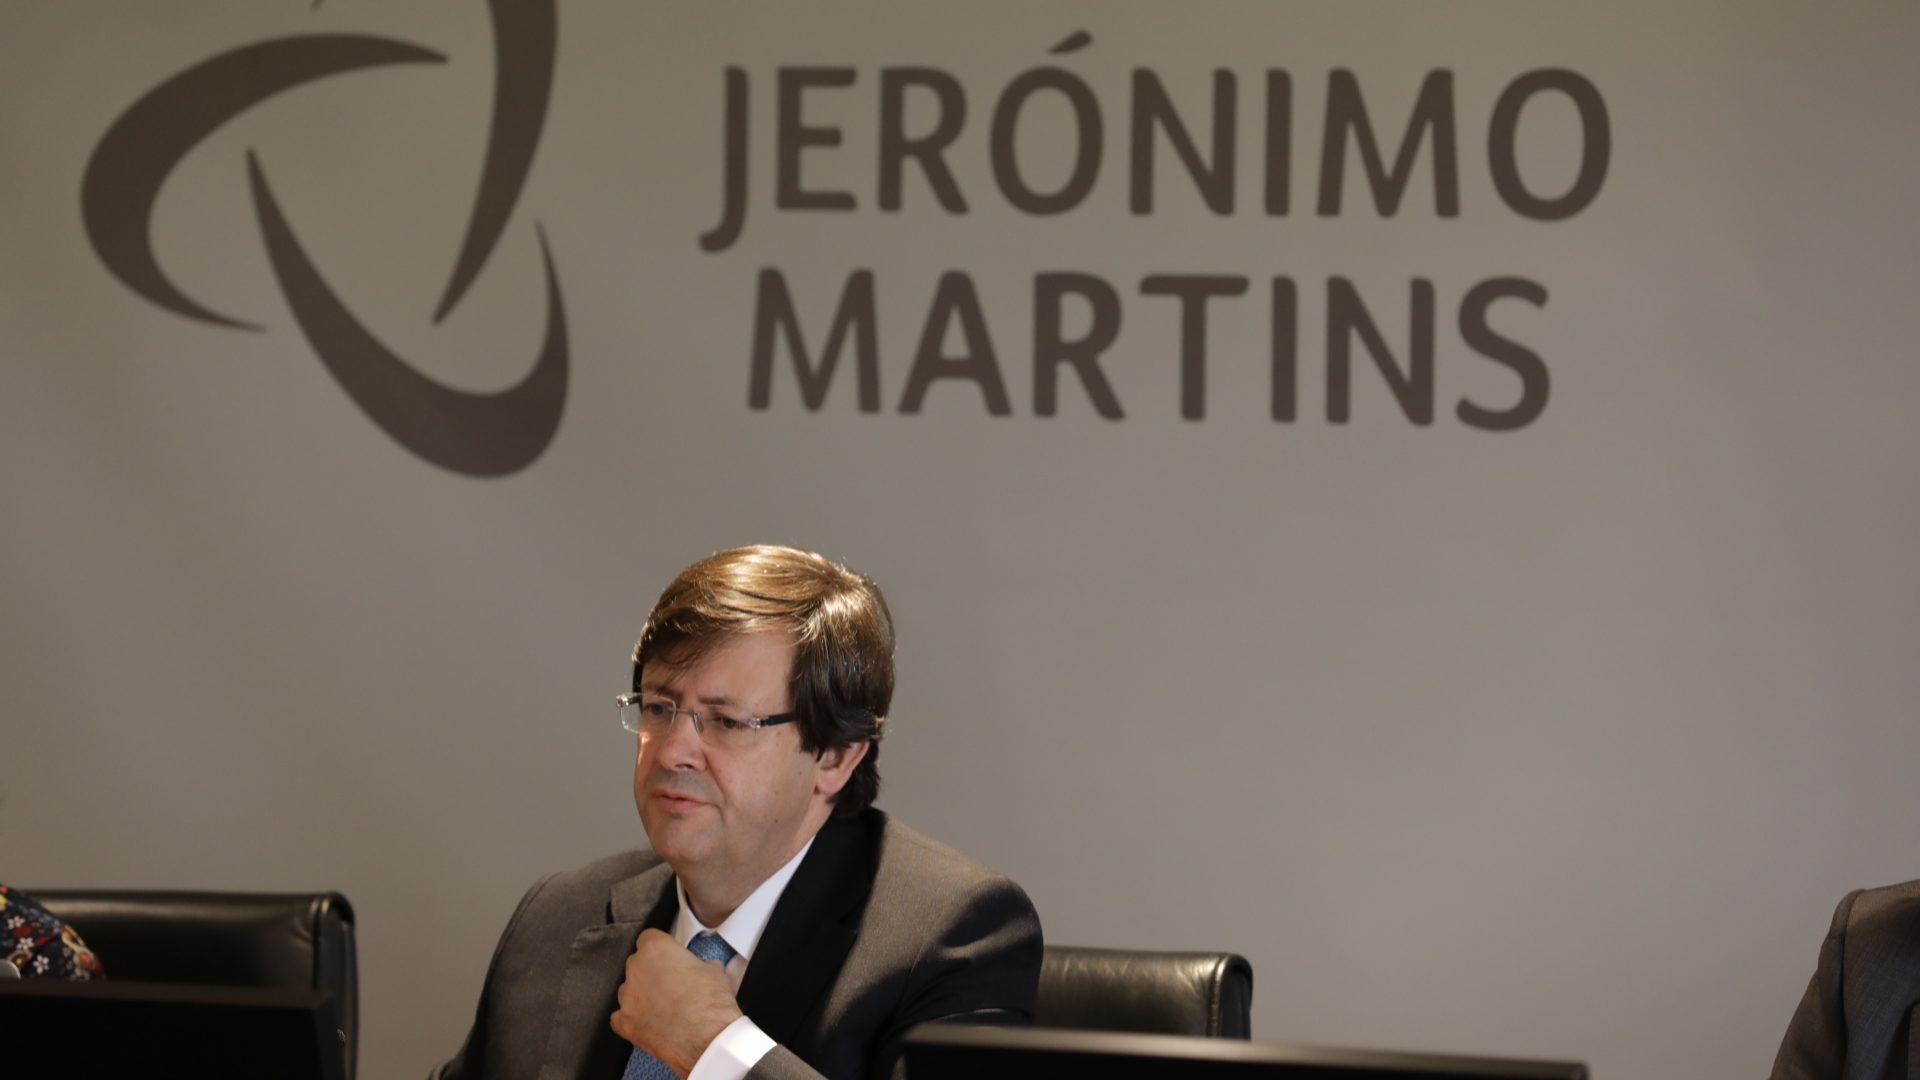 Páscoa leva lucros da Jerónimo Martins para 85 milhões de euros